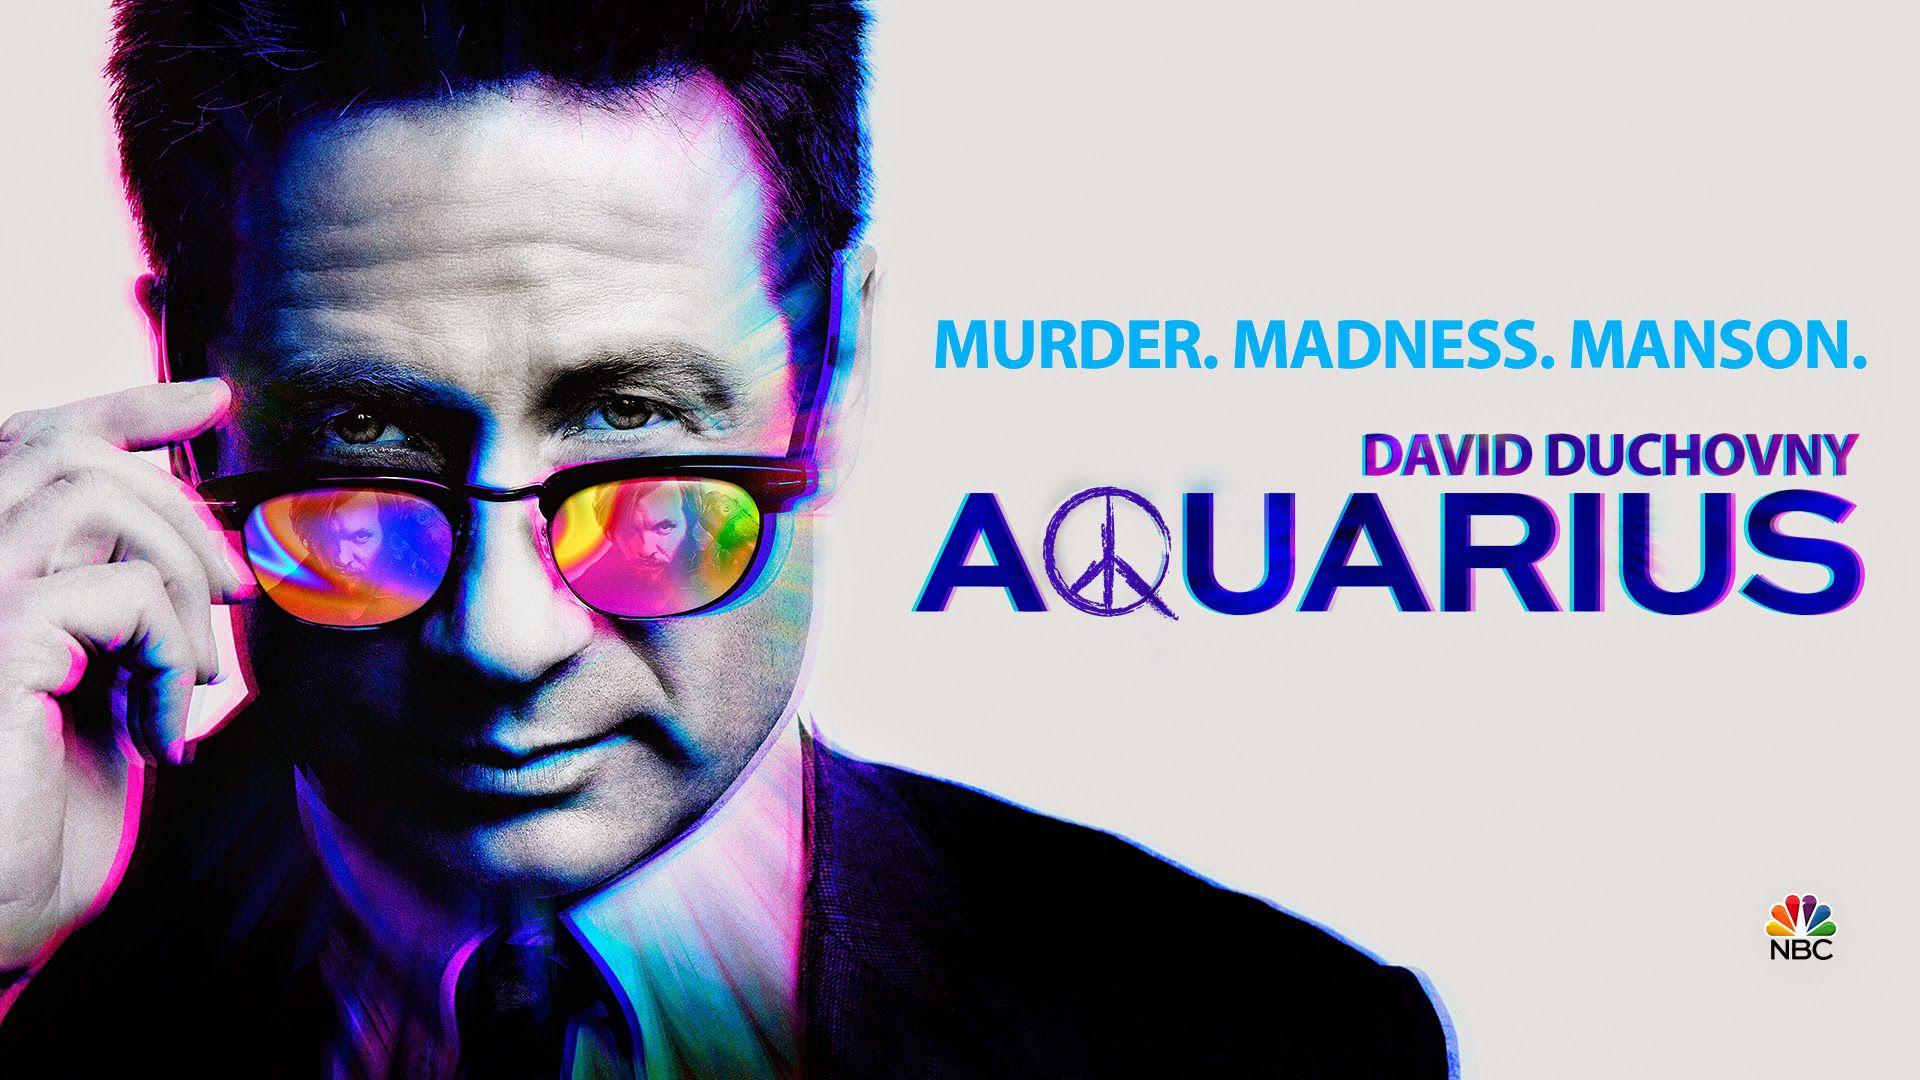 Aquarius-Poster-aquarius-nbc-38495917-1920-1080